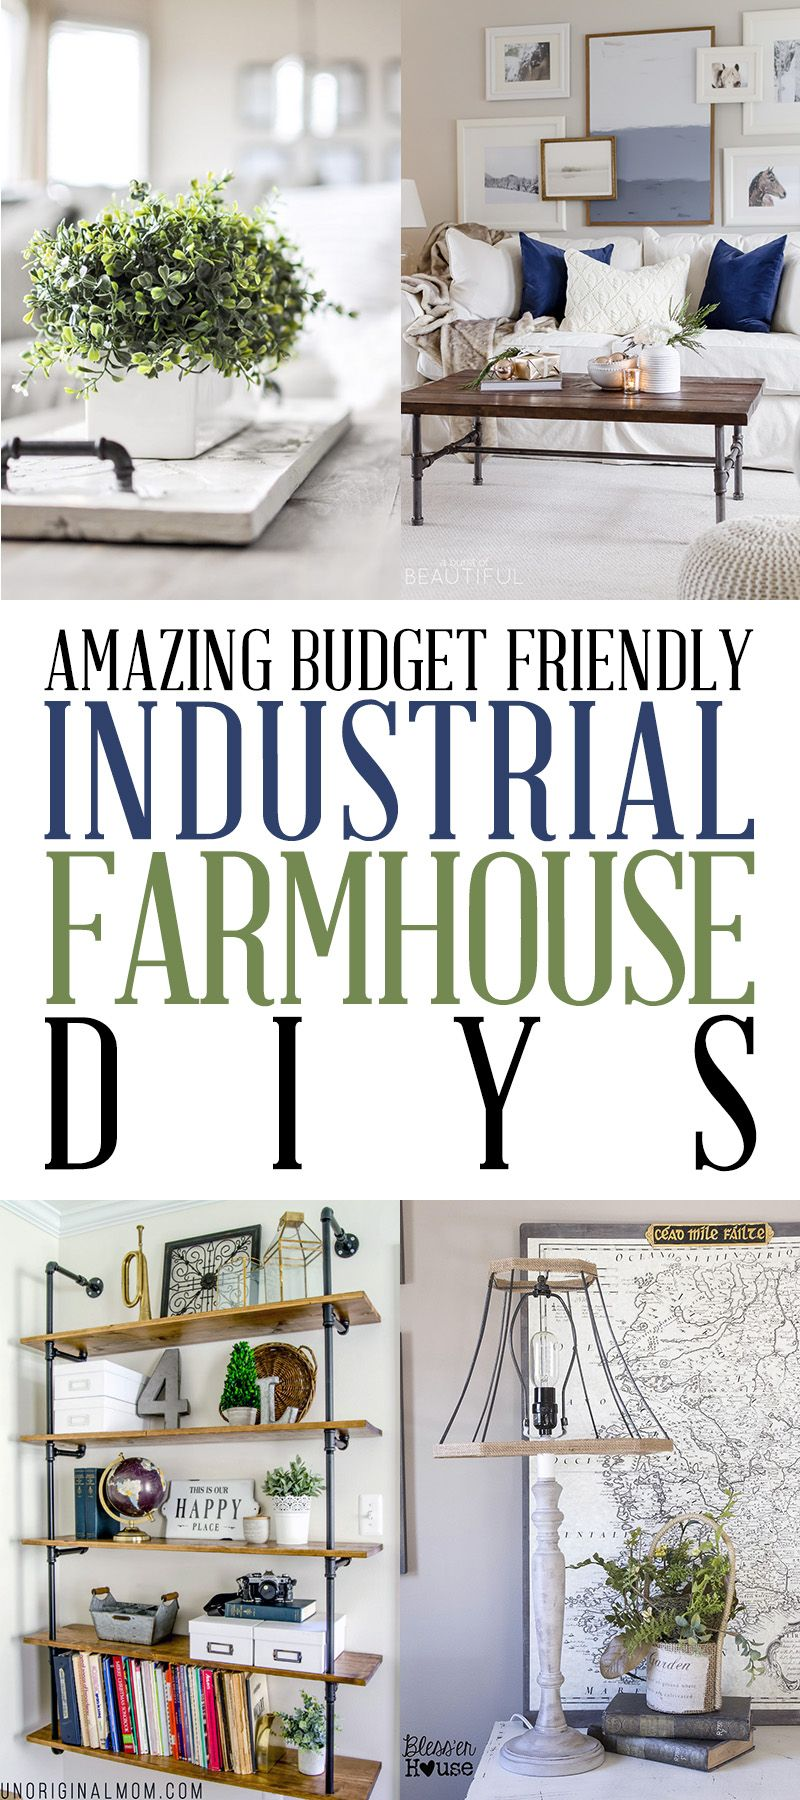 Amazing Budget Friendly Industrial Farmhouse DIYS